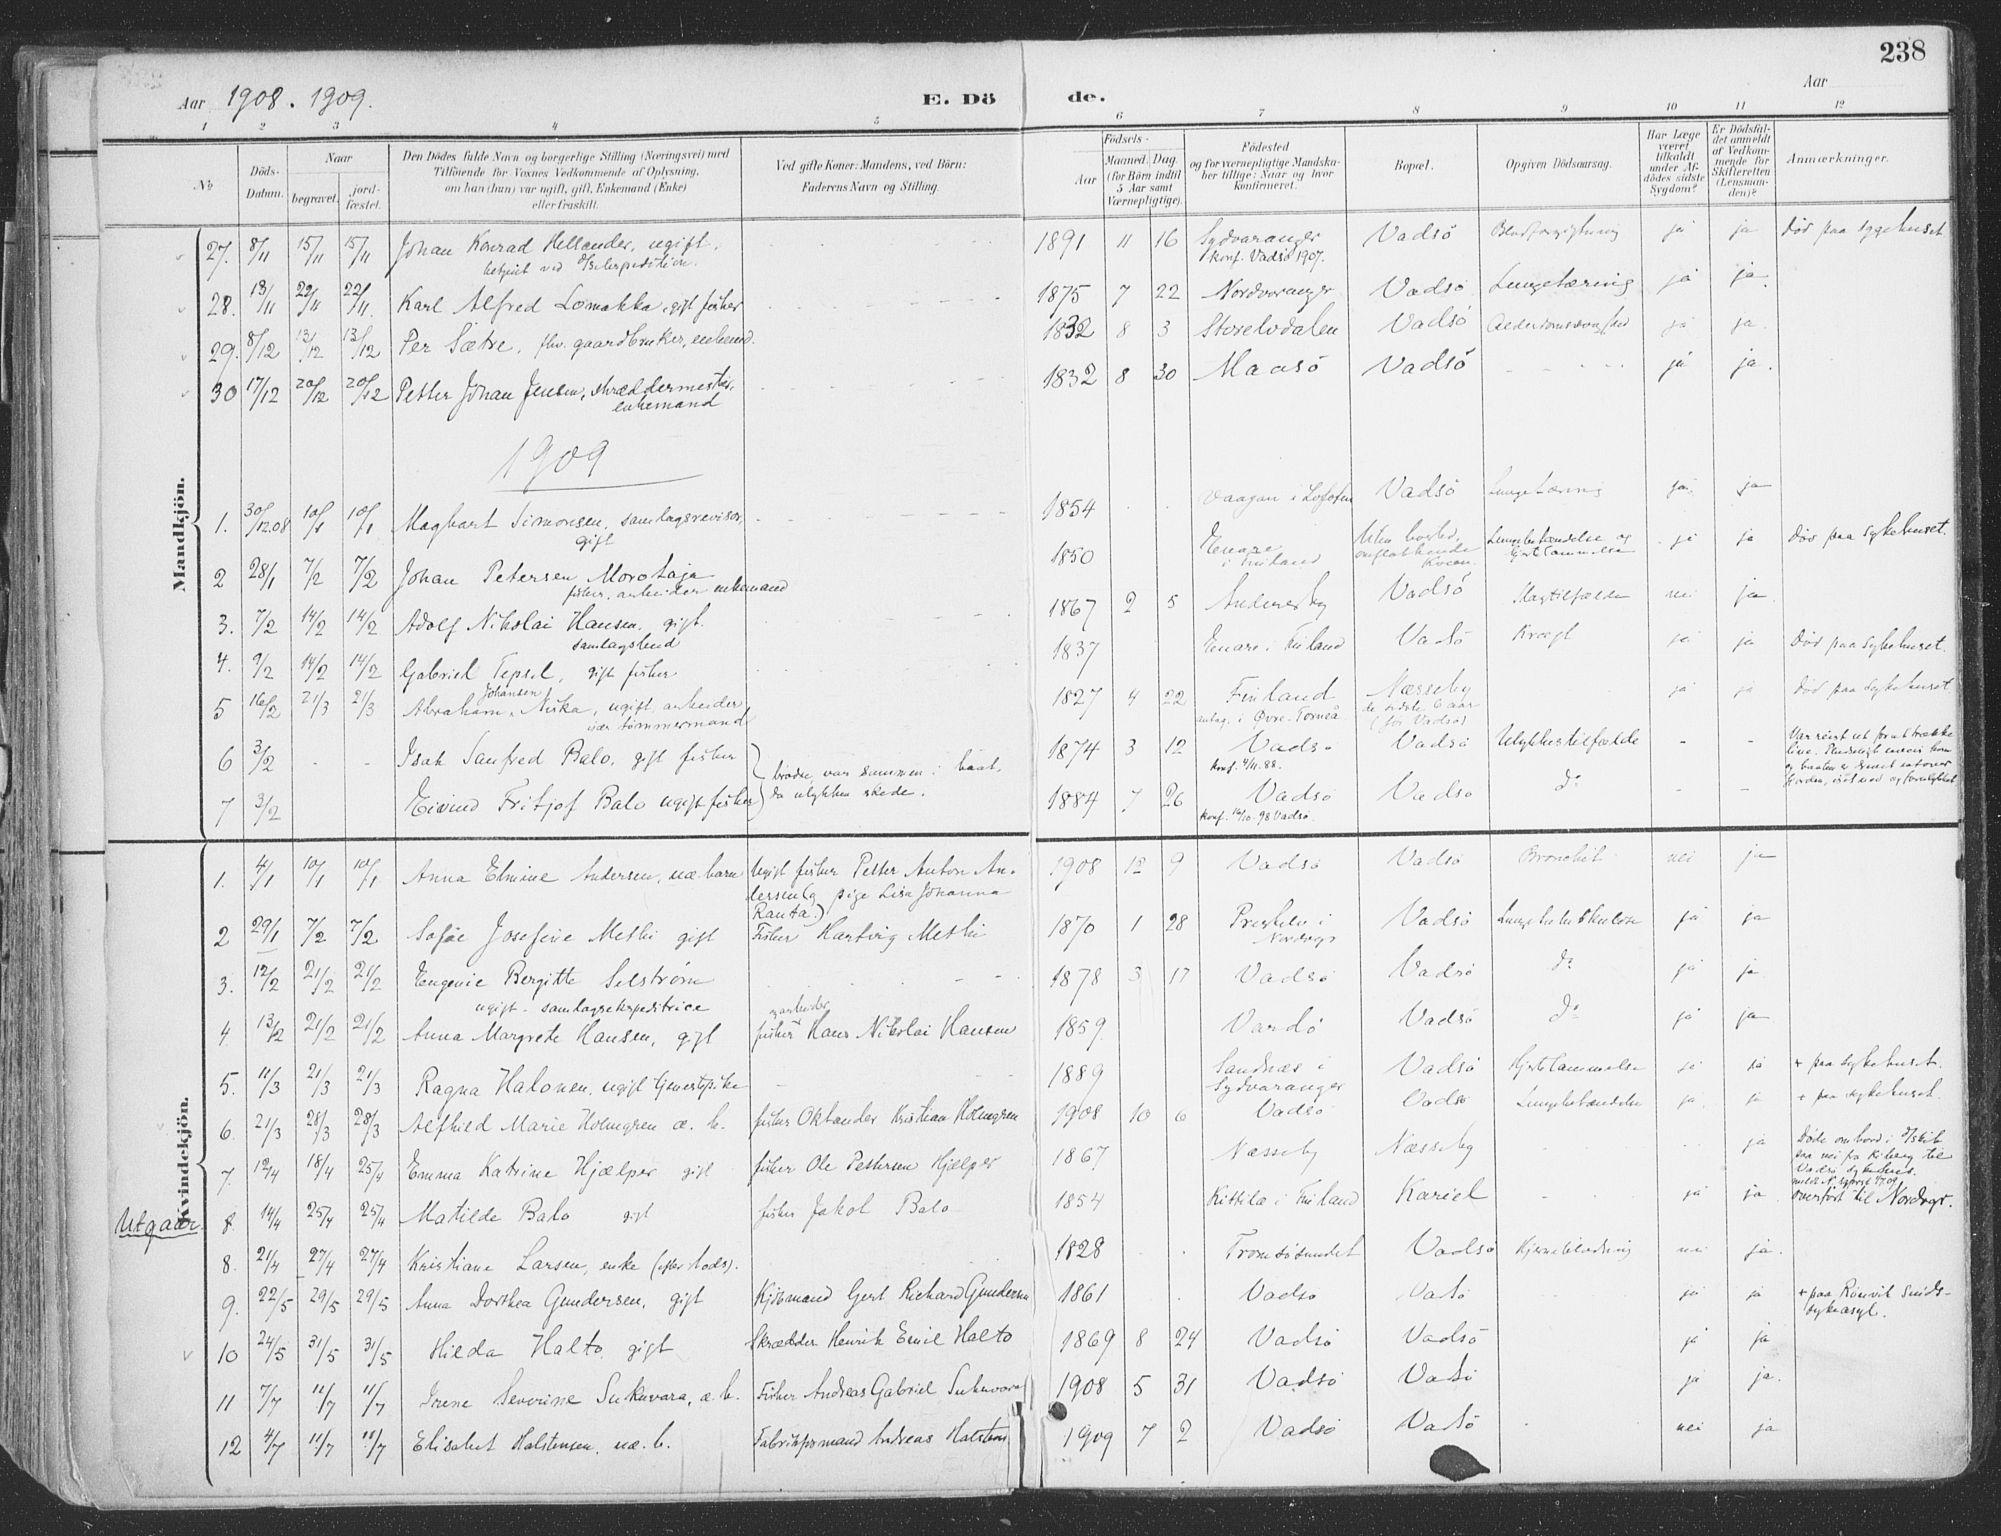 SATØ, Vadsø sokneprestkontor, H/Ha/L0007kirke: Ministerialbok nr. 7, 1896-1916, s. 238